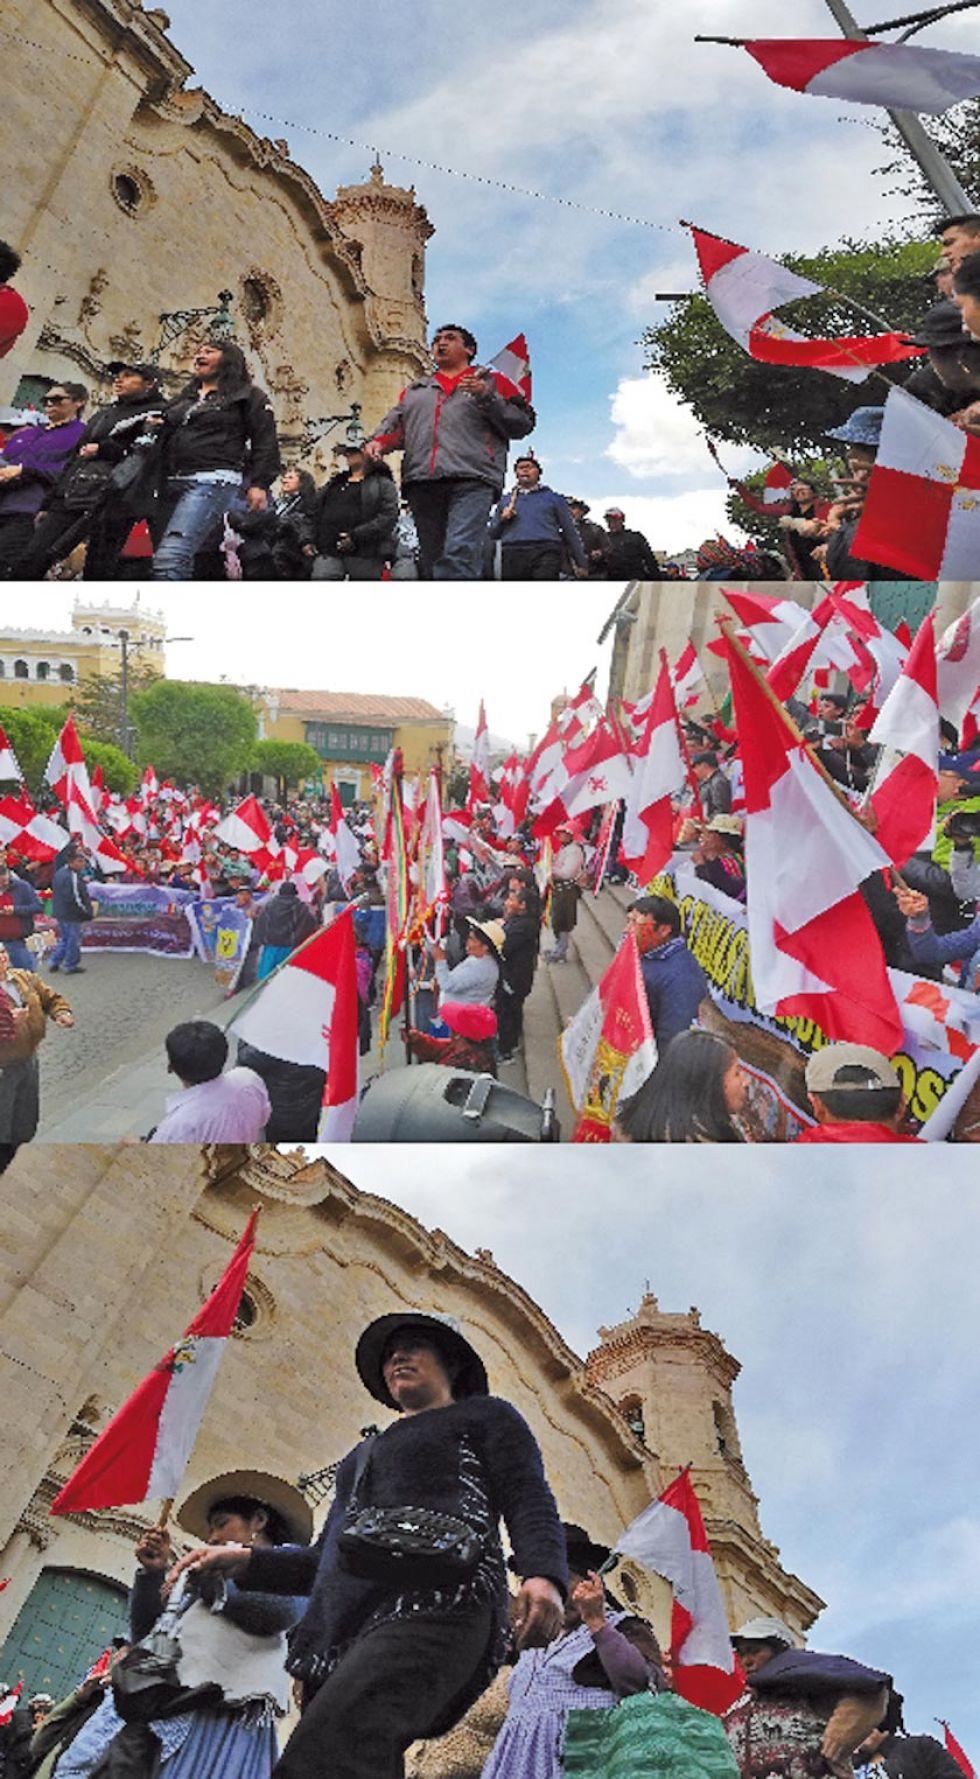 Gráficas de la marcha de protesta..